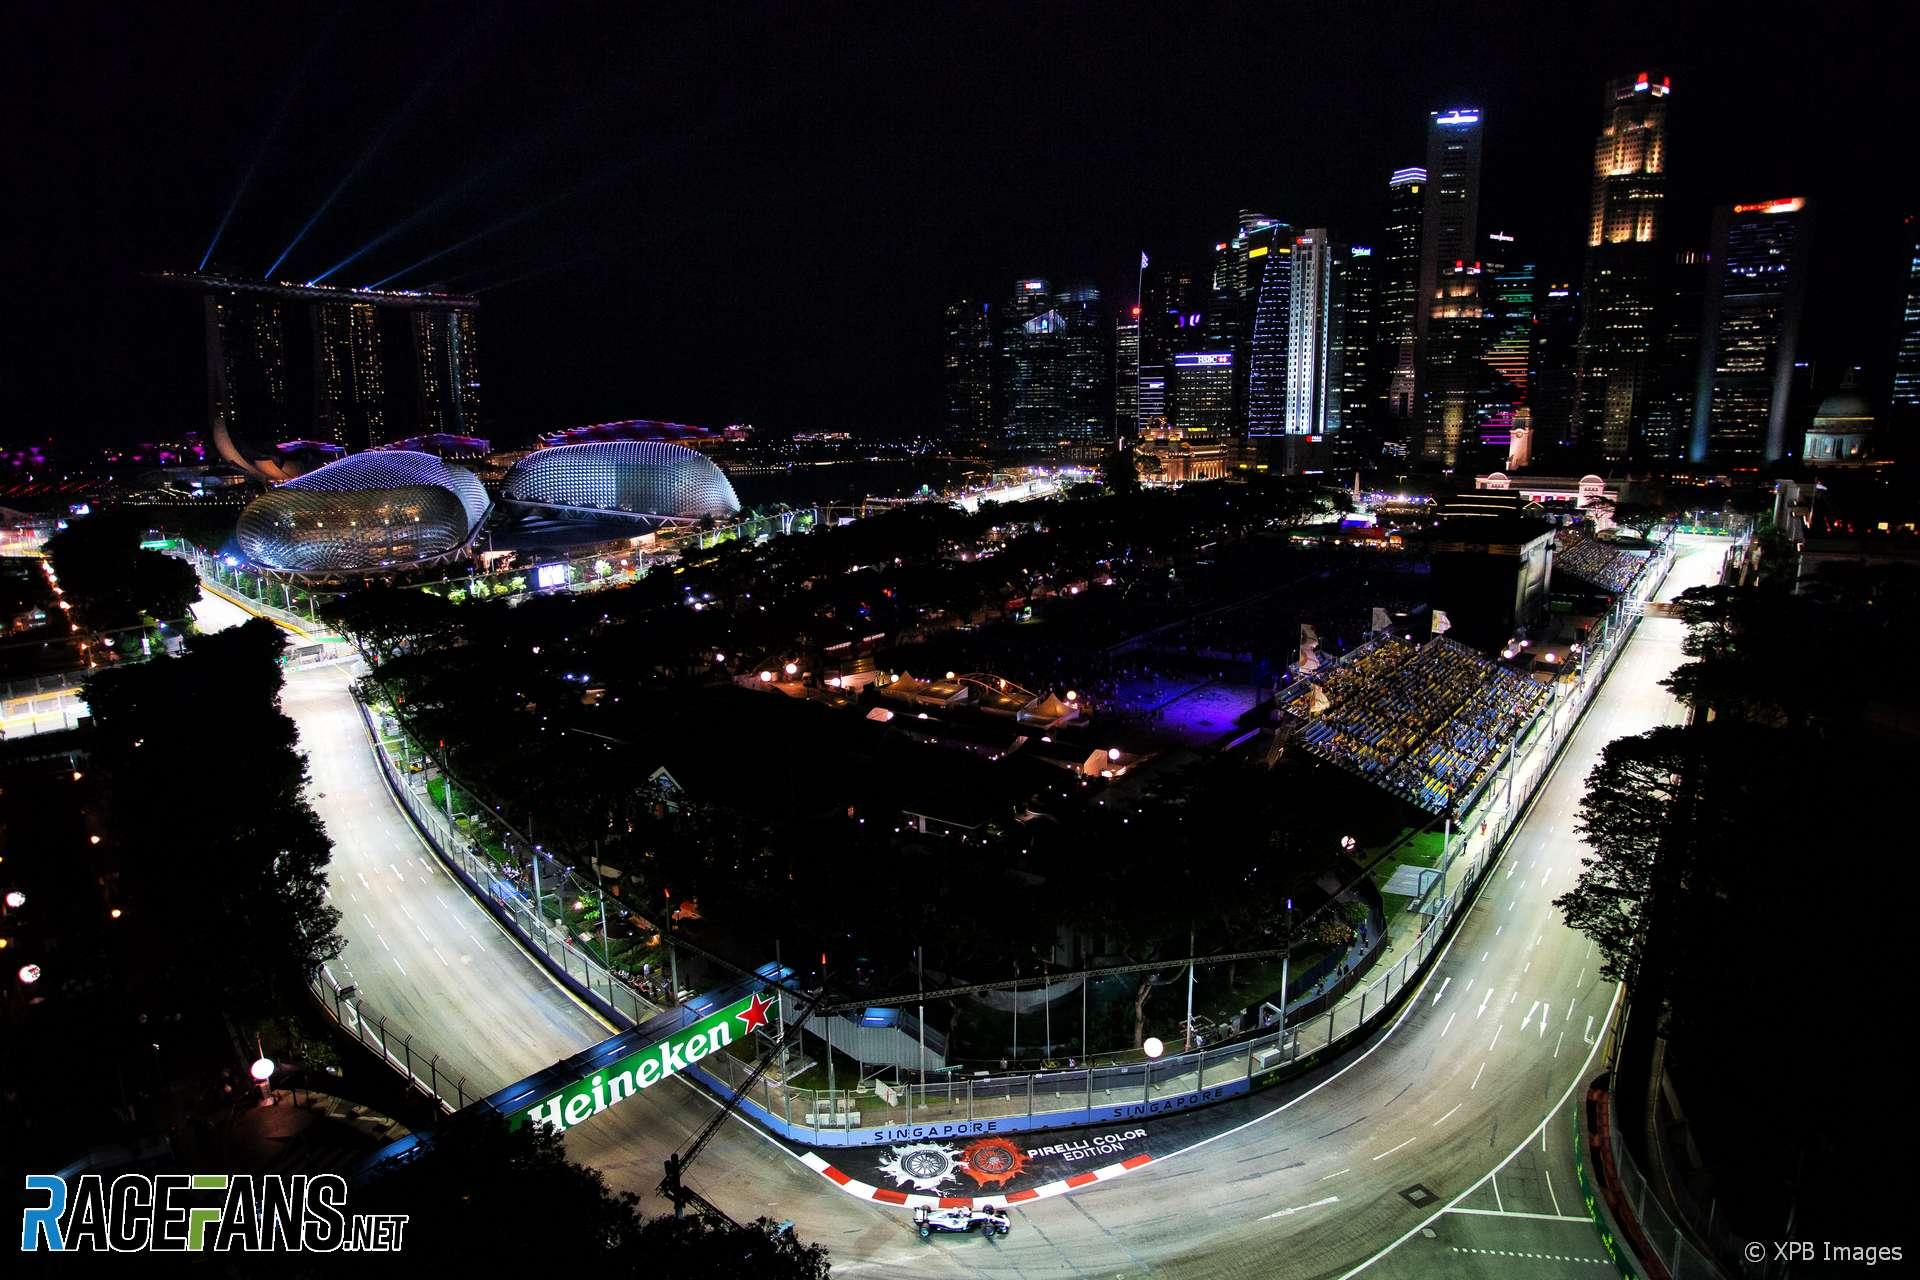 Valtteri Bottas, Mercedes, Singapore, 2018